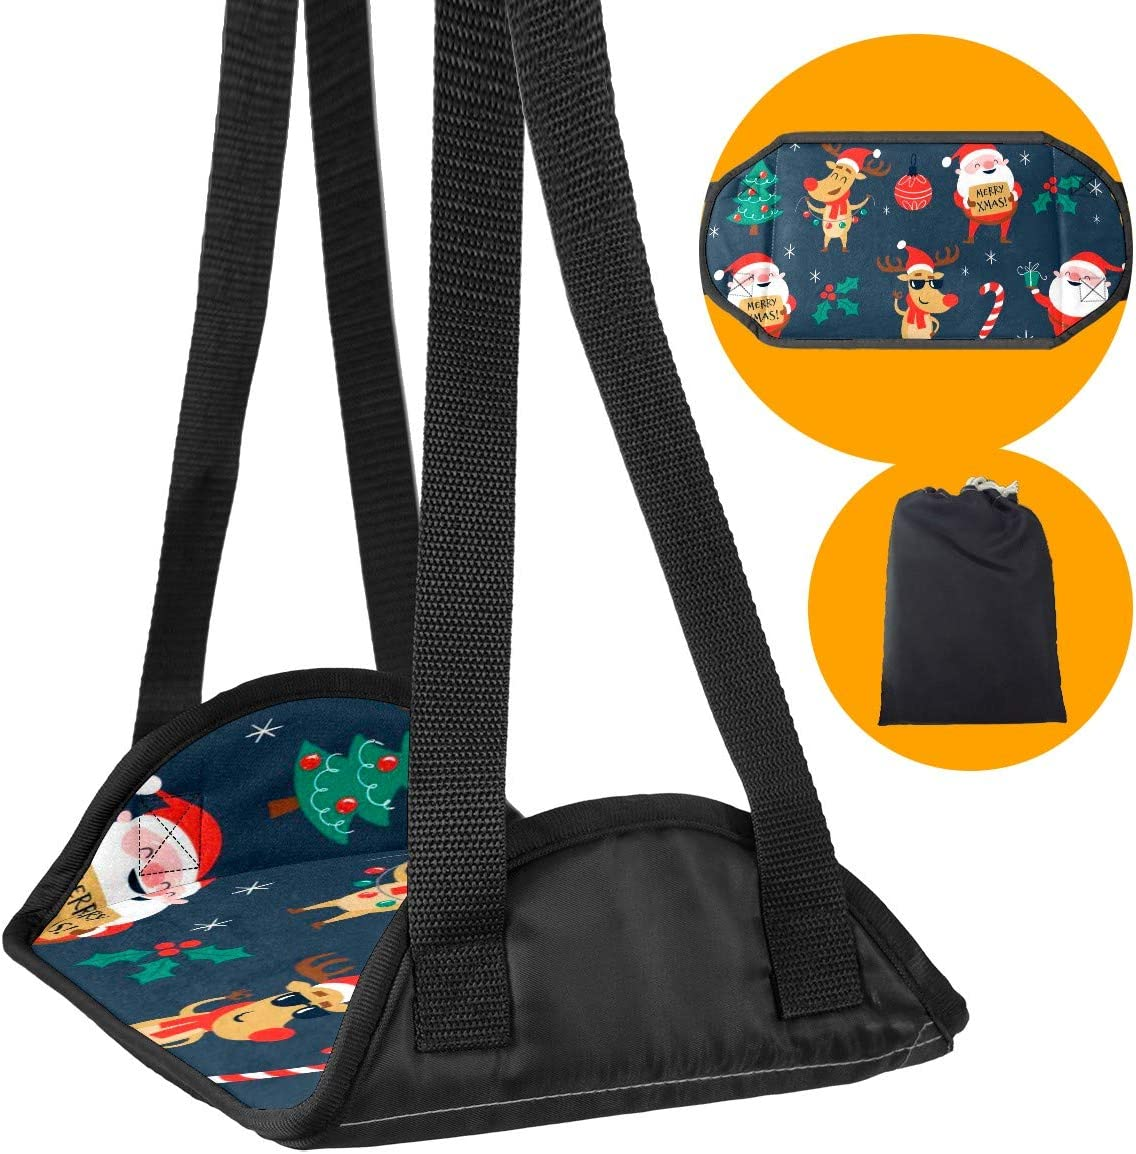 Foot Hammock Desk Footrest Adjustable Portable Comfy 1 year warranty specialty shop Hanger